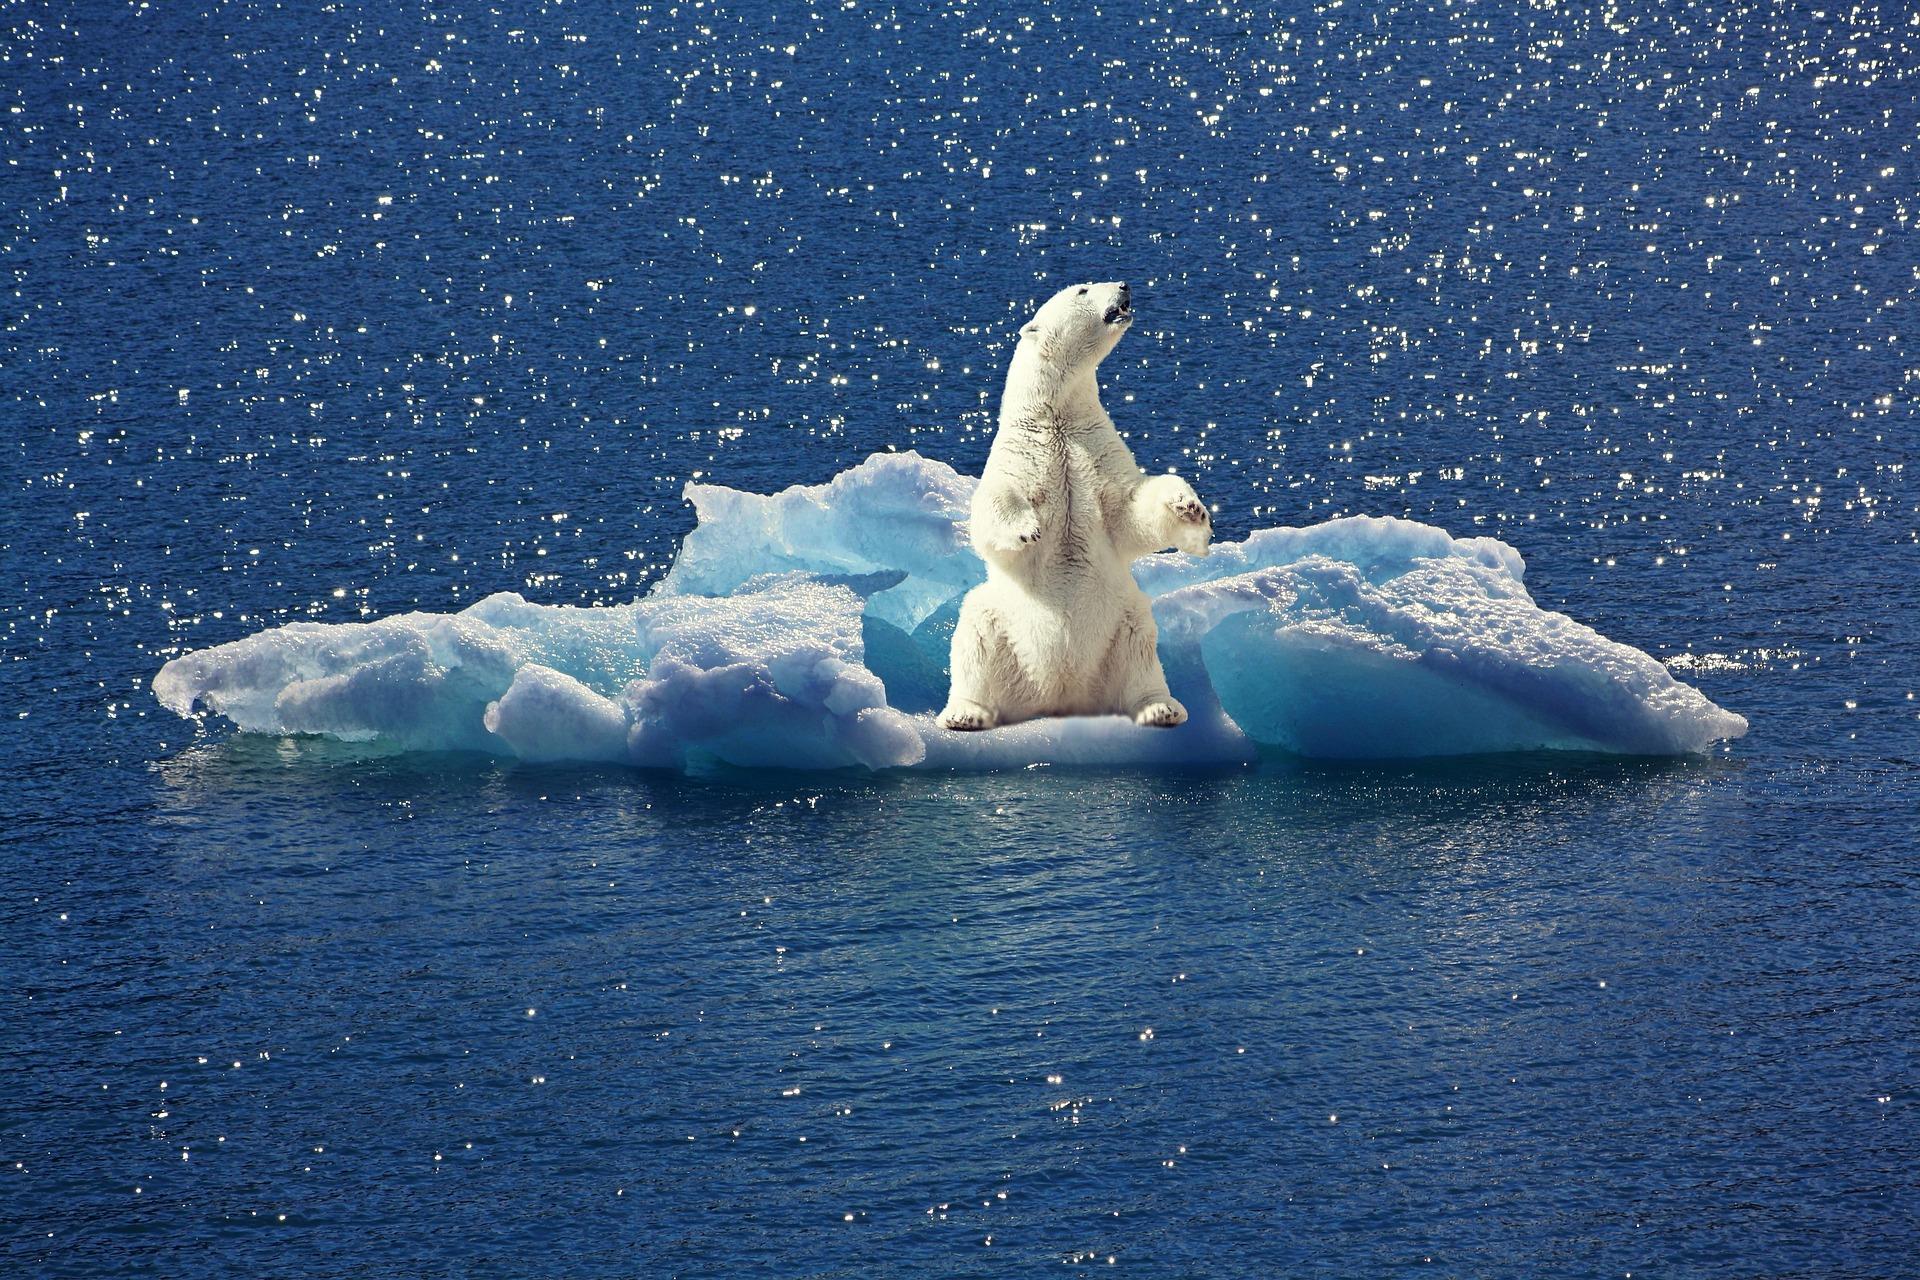 Mehr Klimaschutz, mehr Artenschutz, mehr Umweltschutz